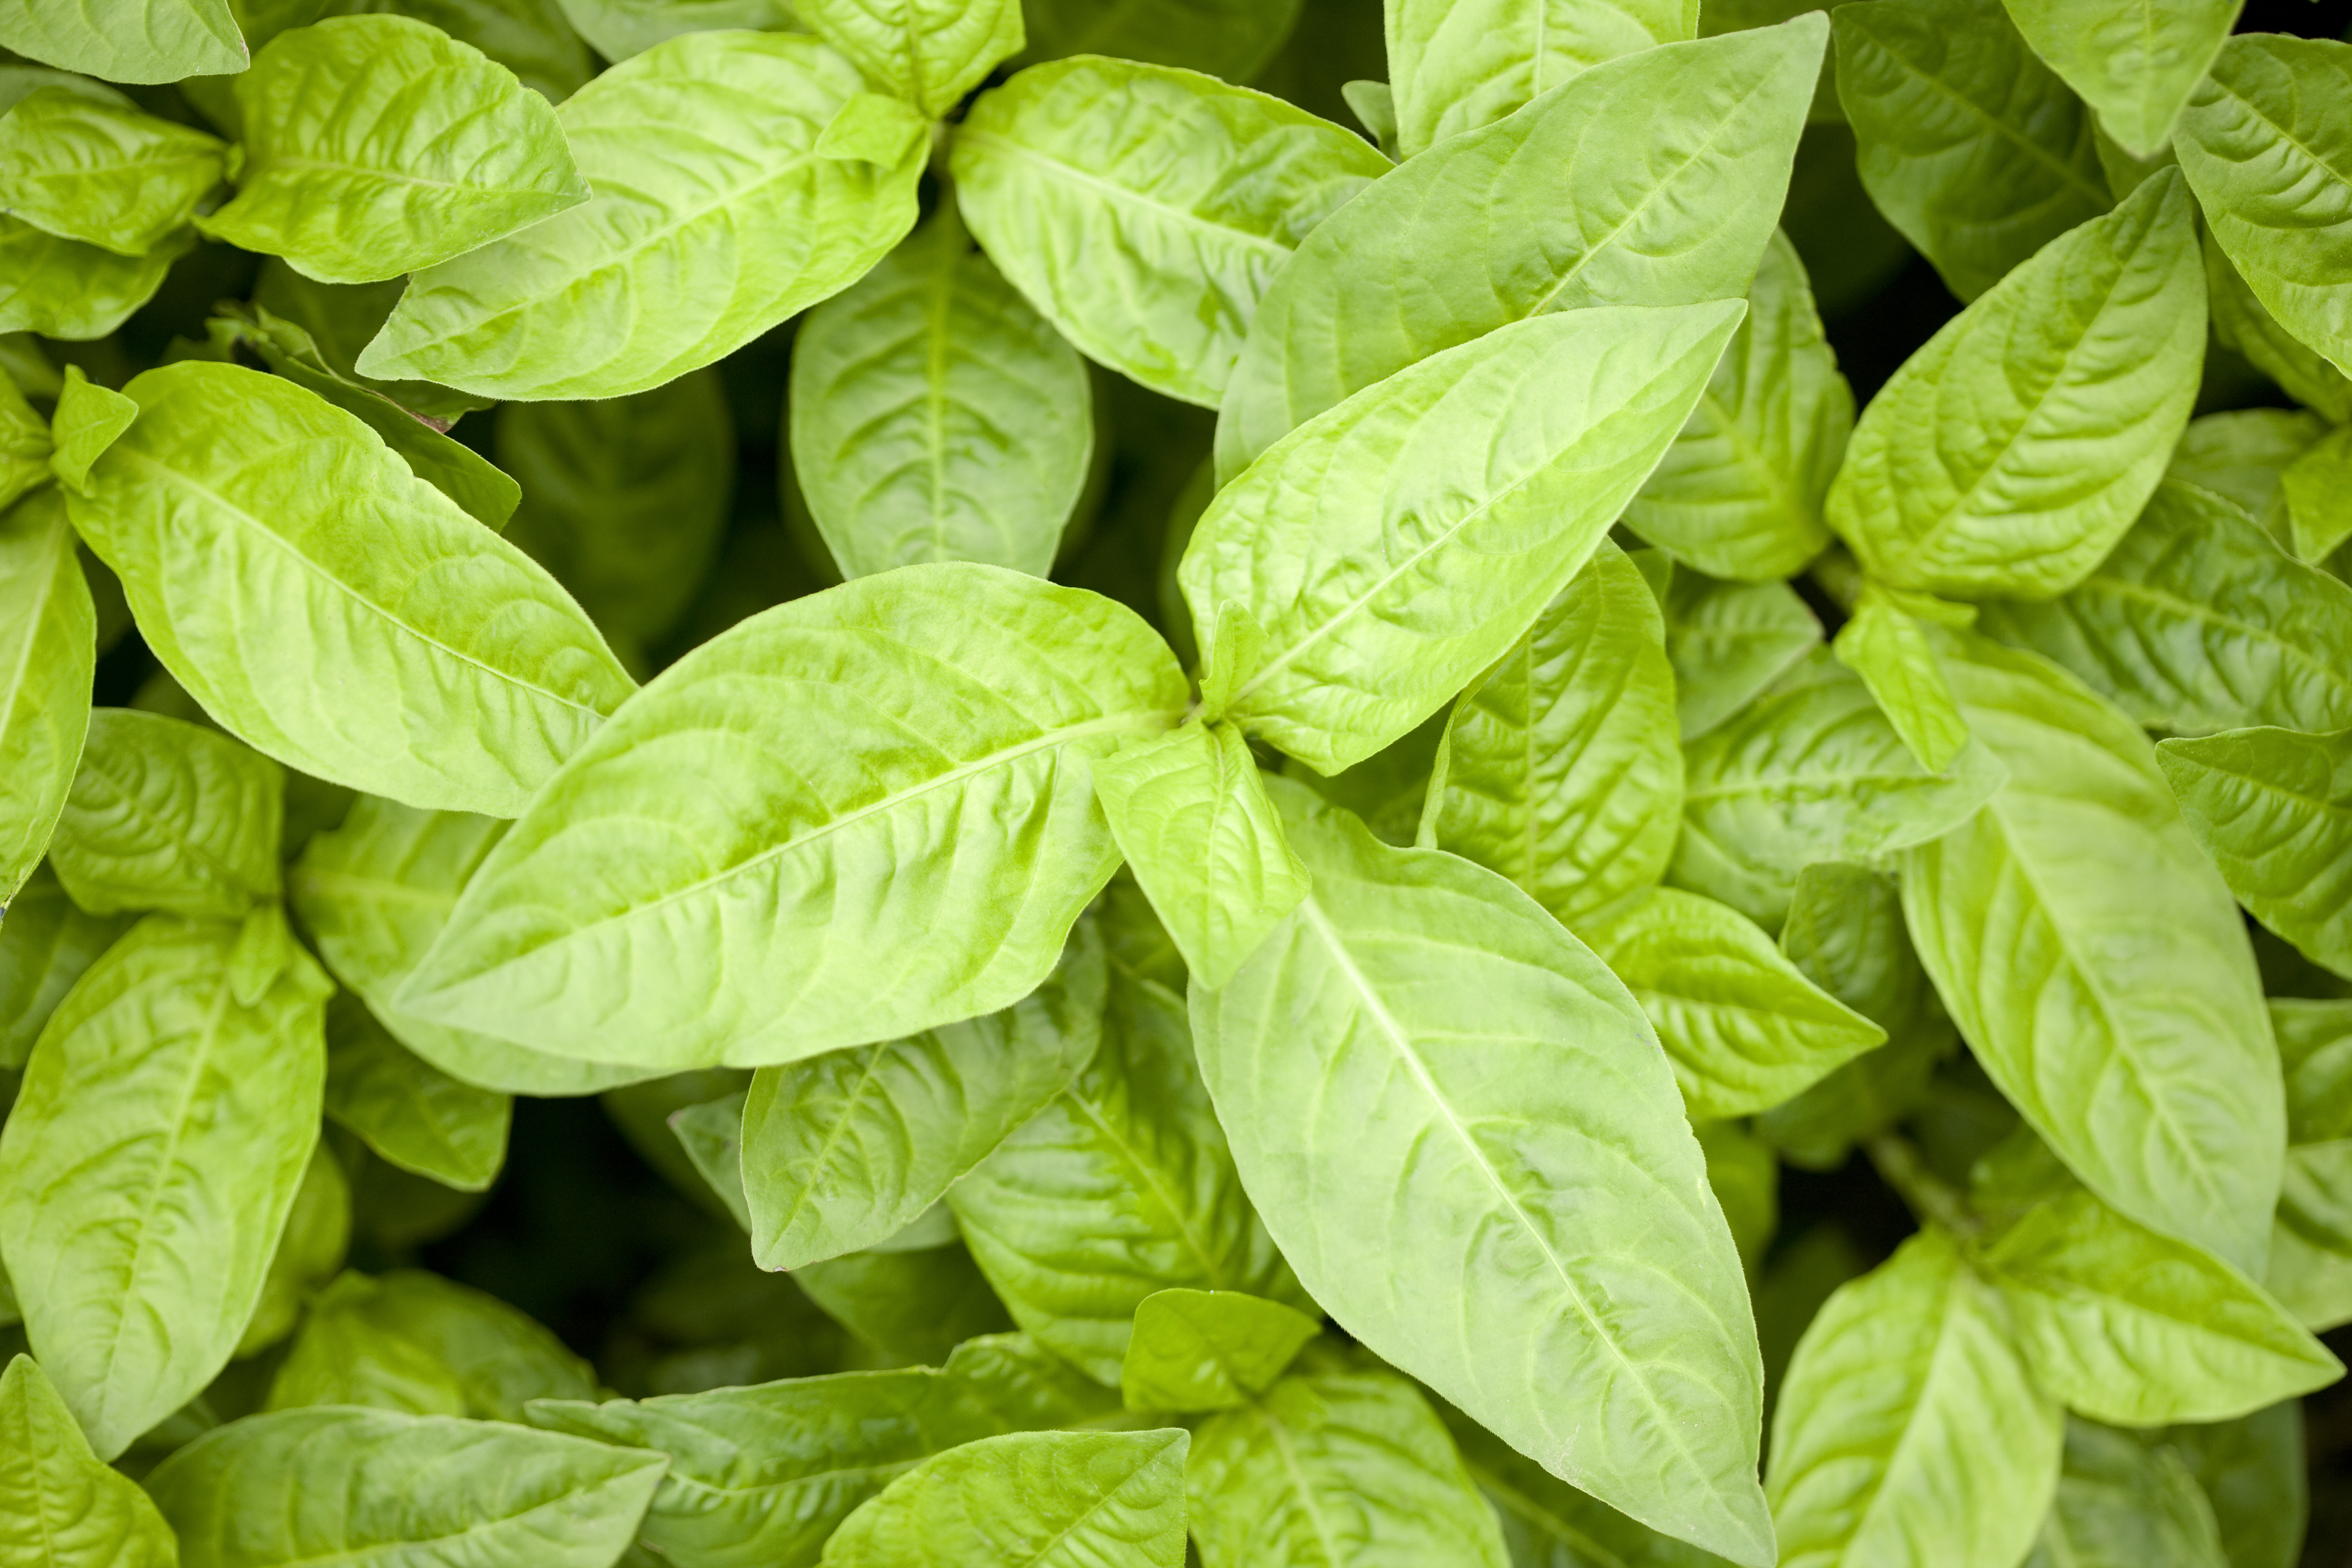 インディゴの葉のアップ